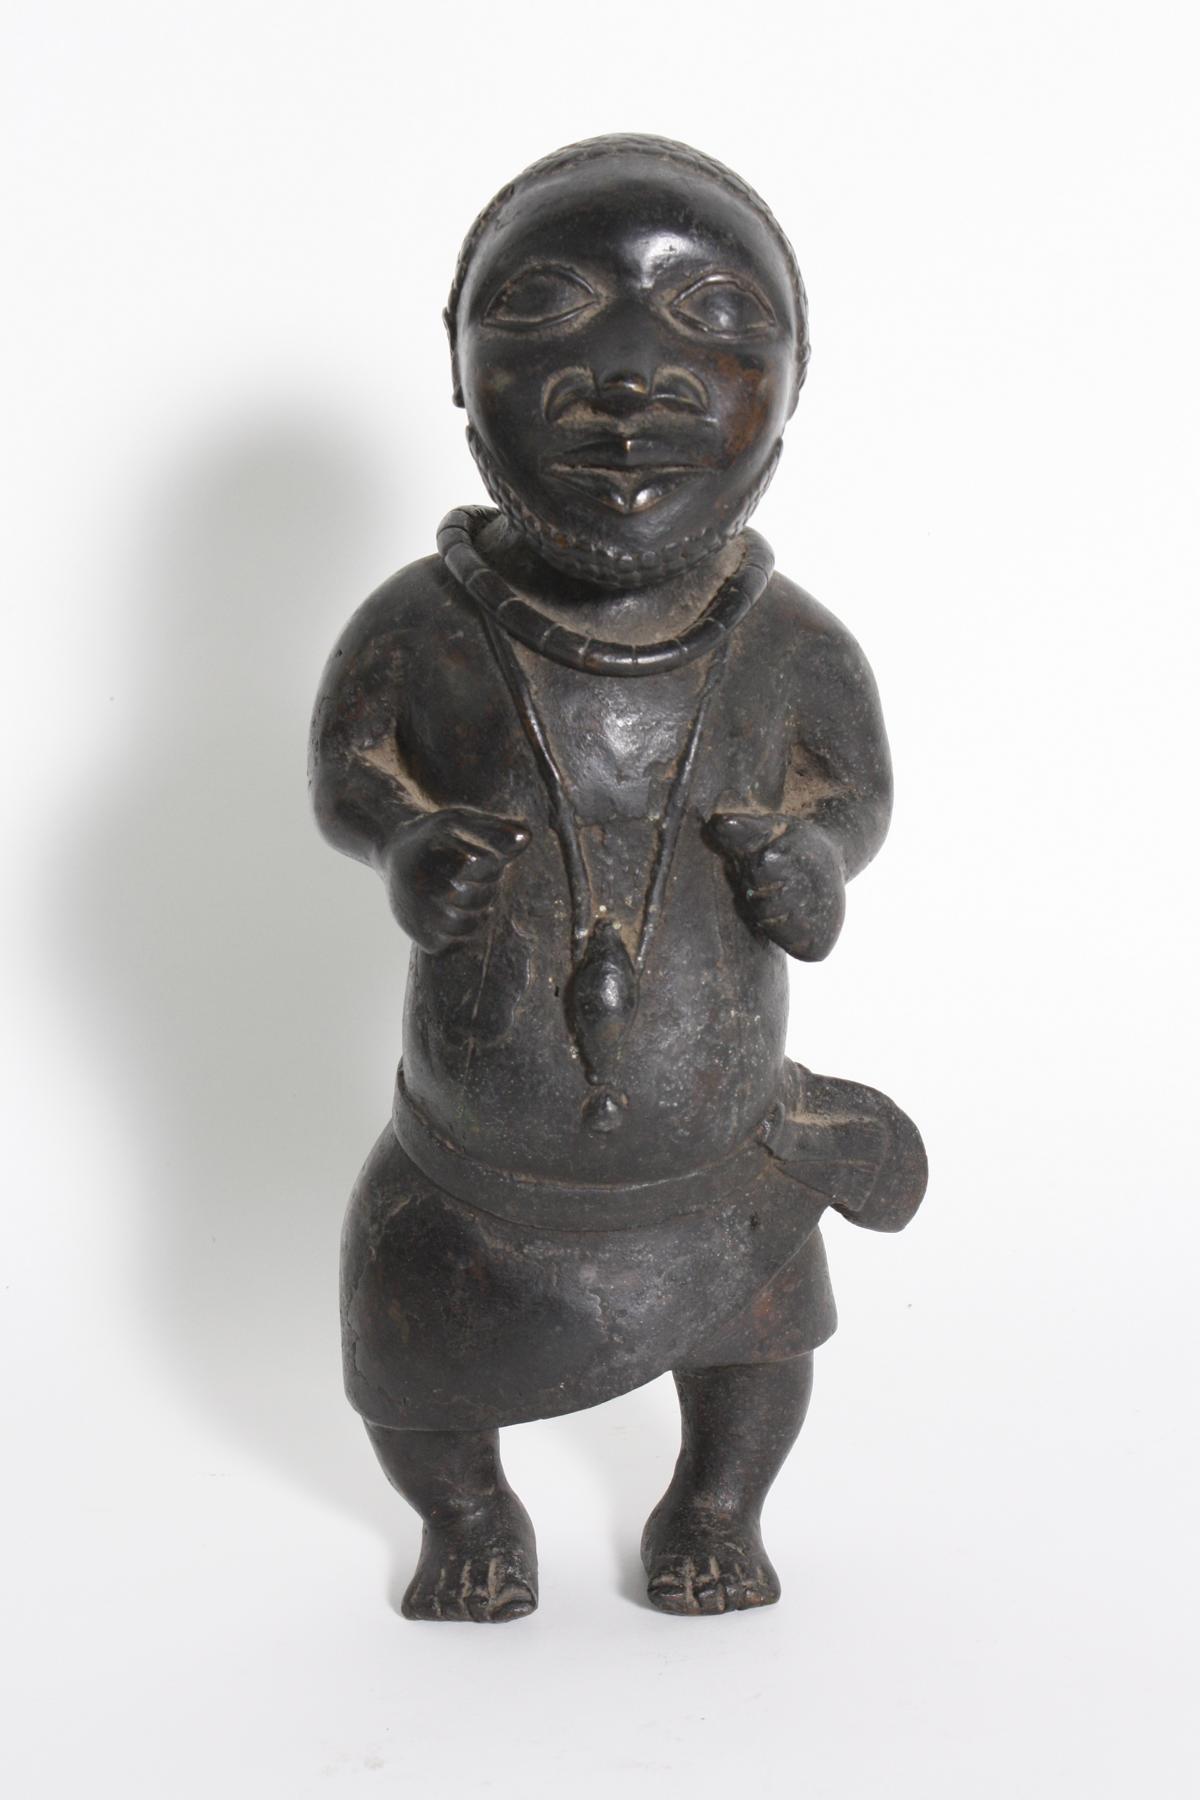 Bronze-Figur, Hofzwerg, Benin, Nigeria, 1. Hälfte 20. Jh.